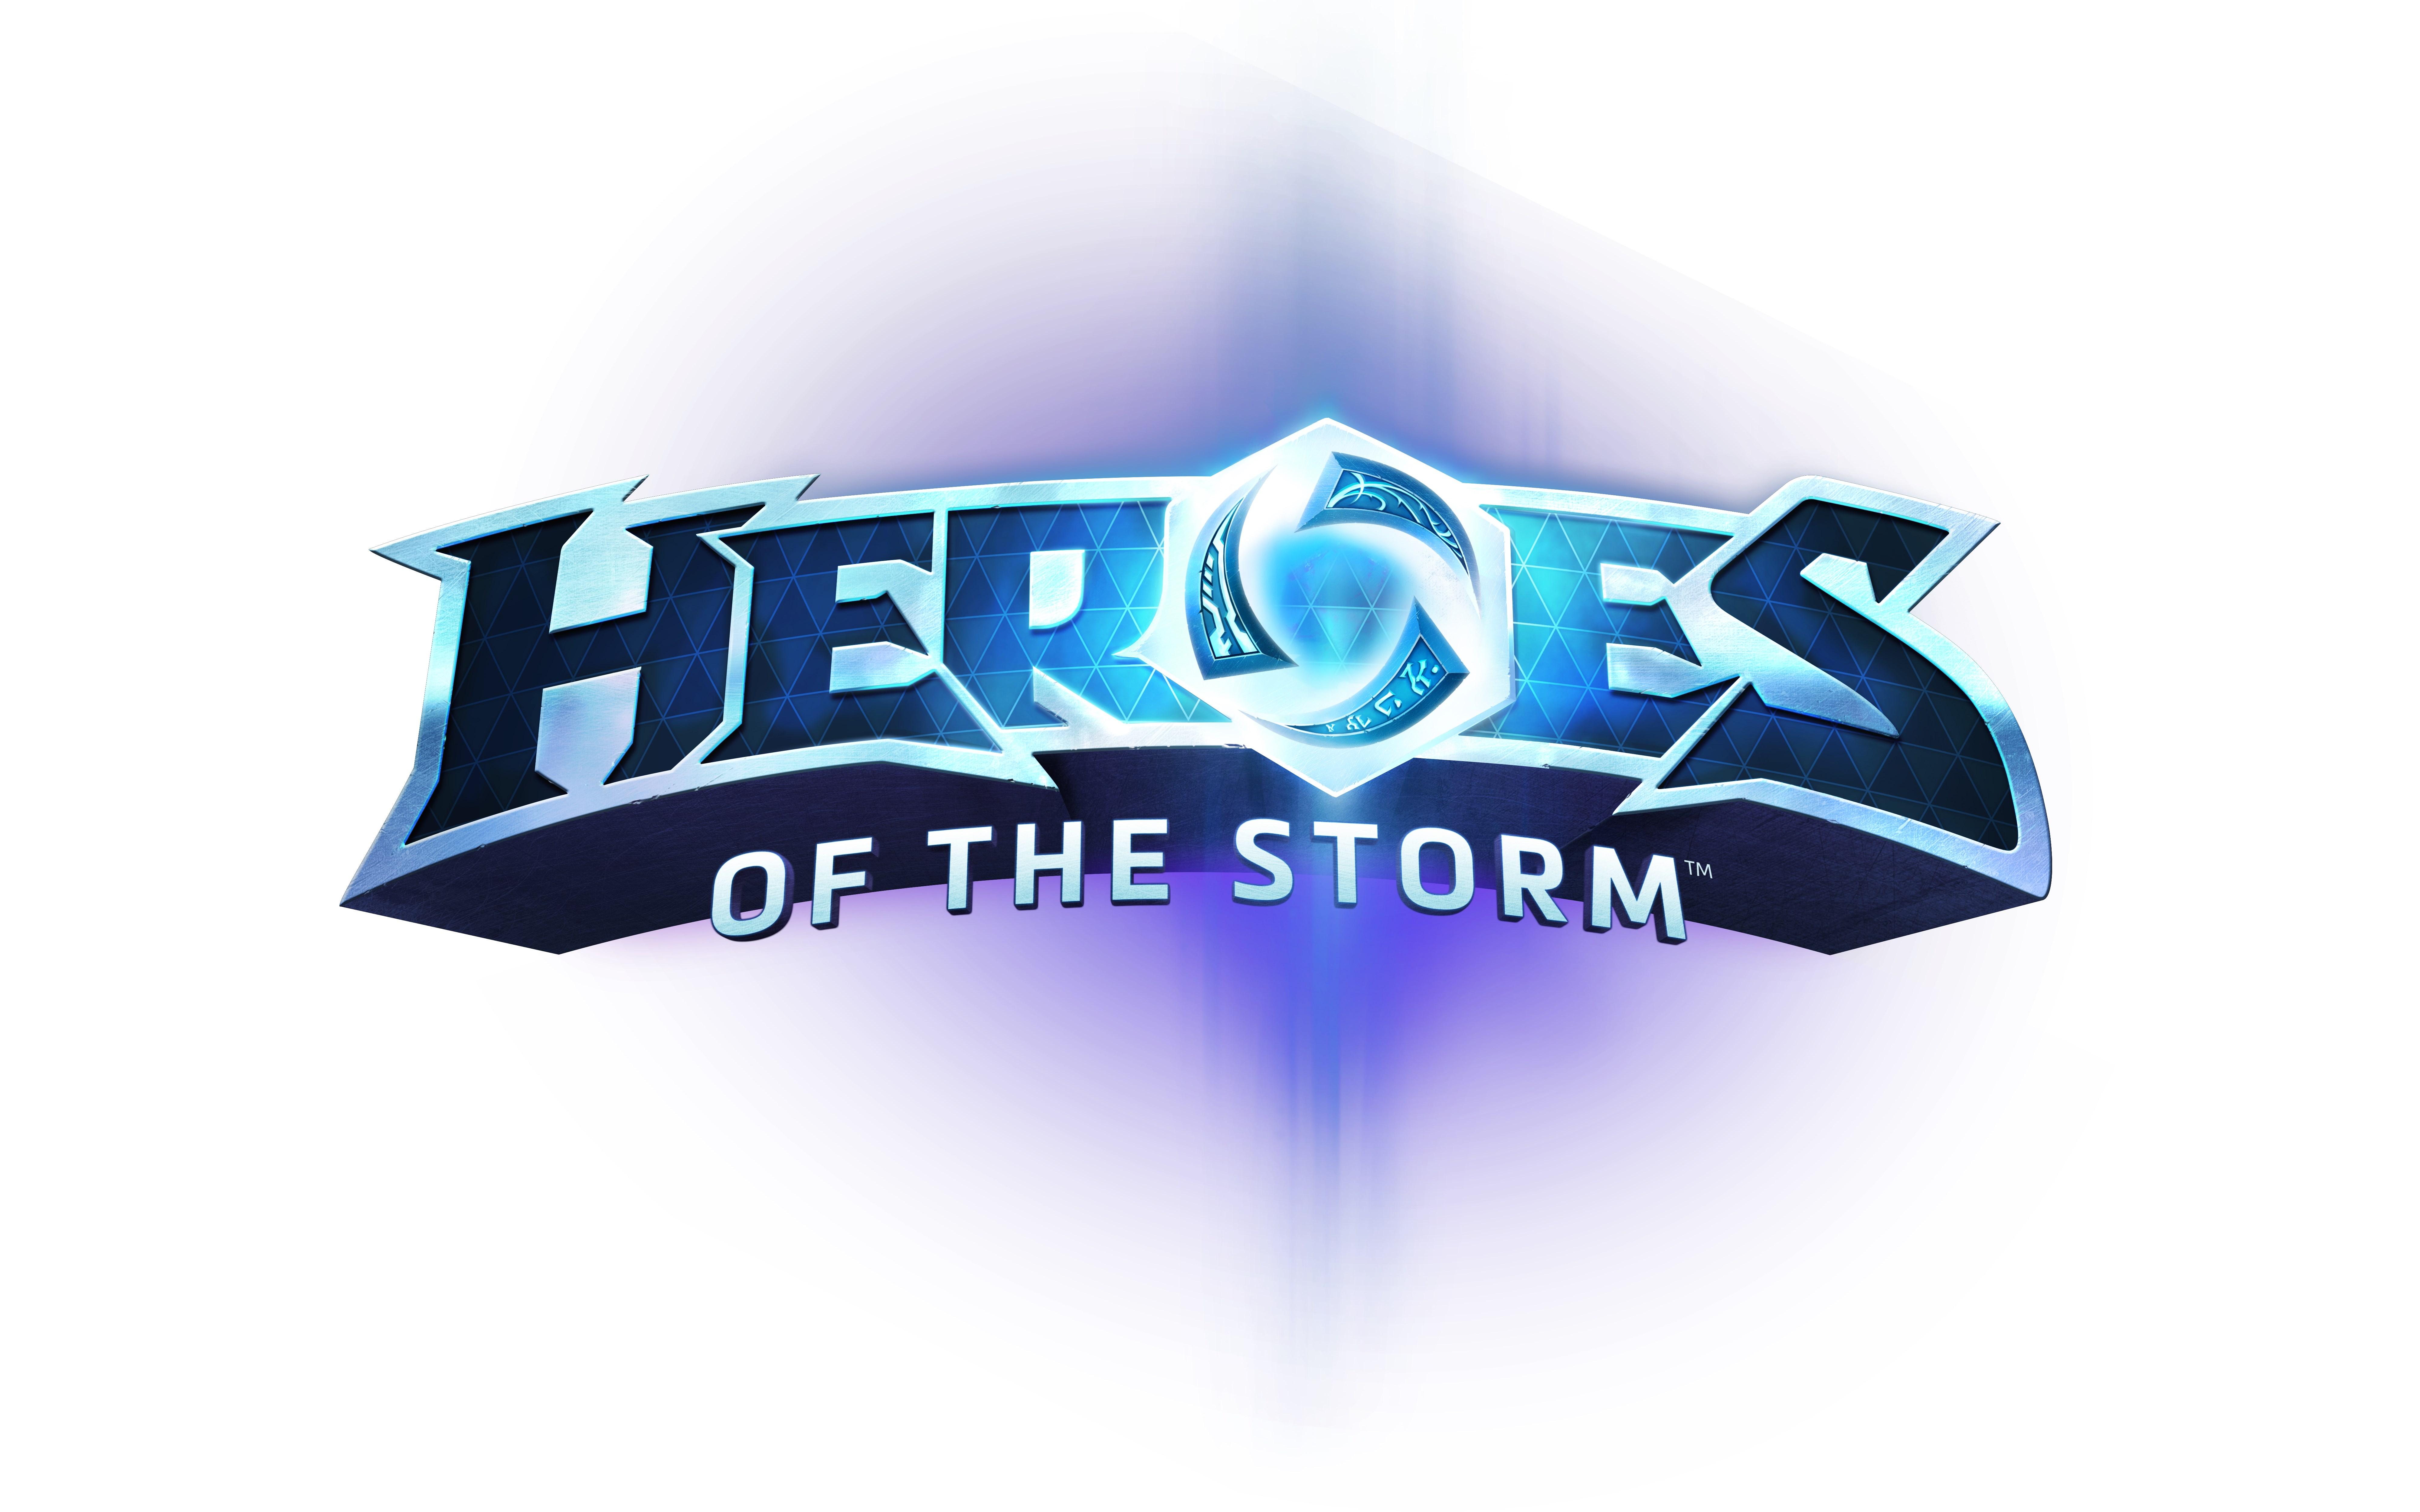 HOS_Logo_2015_m02_smp_psd_jpg